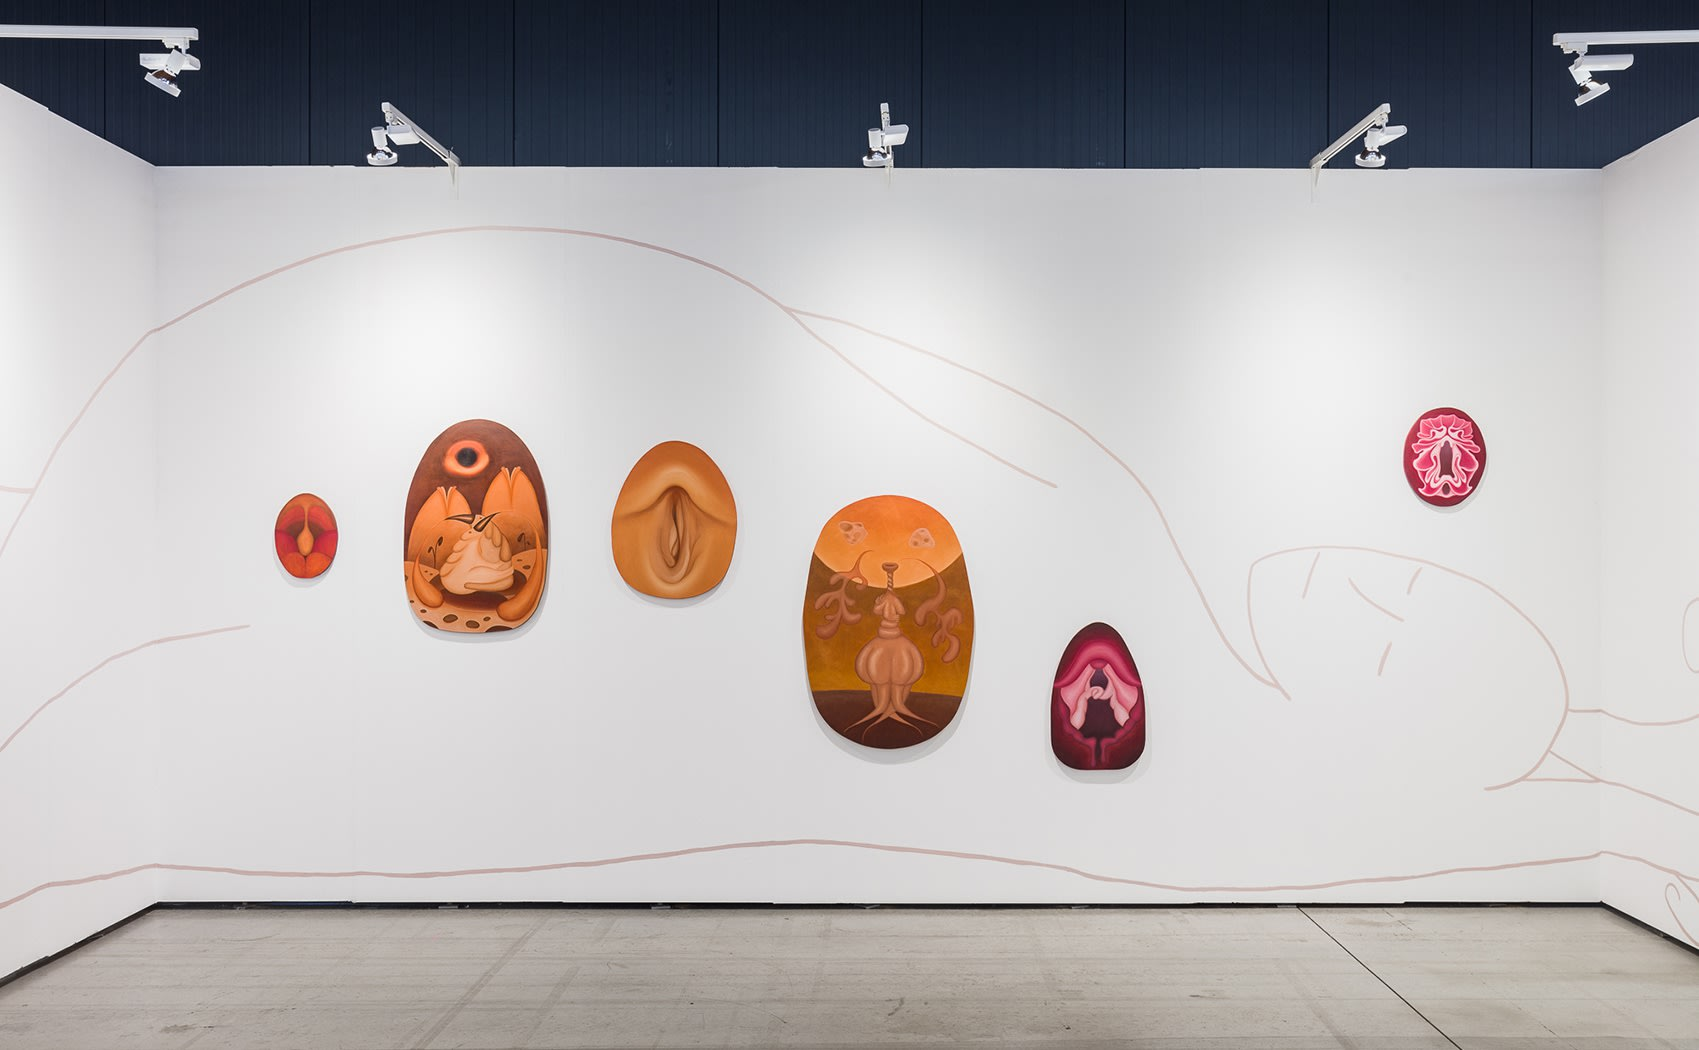 vienna contemporary 2020, marianne vlaschits, galerie sophia vonier